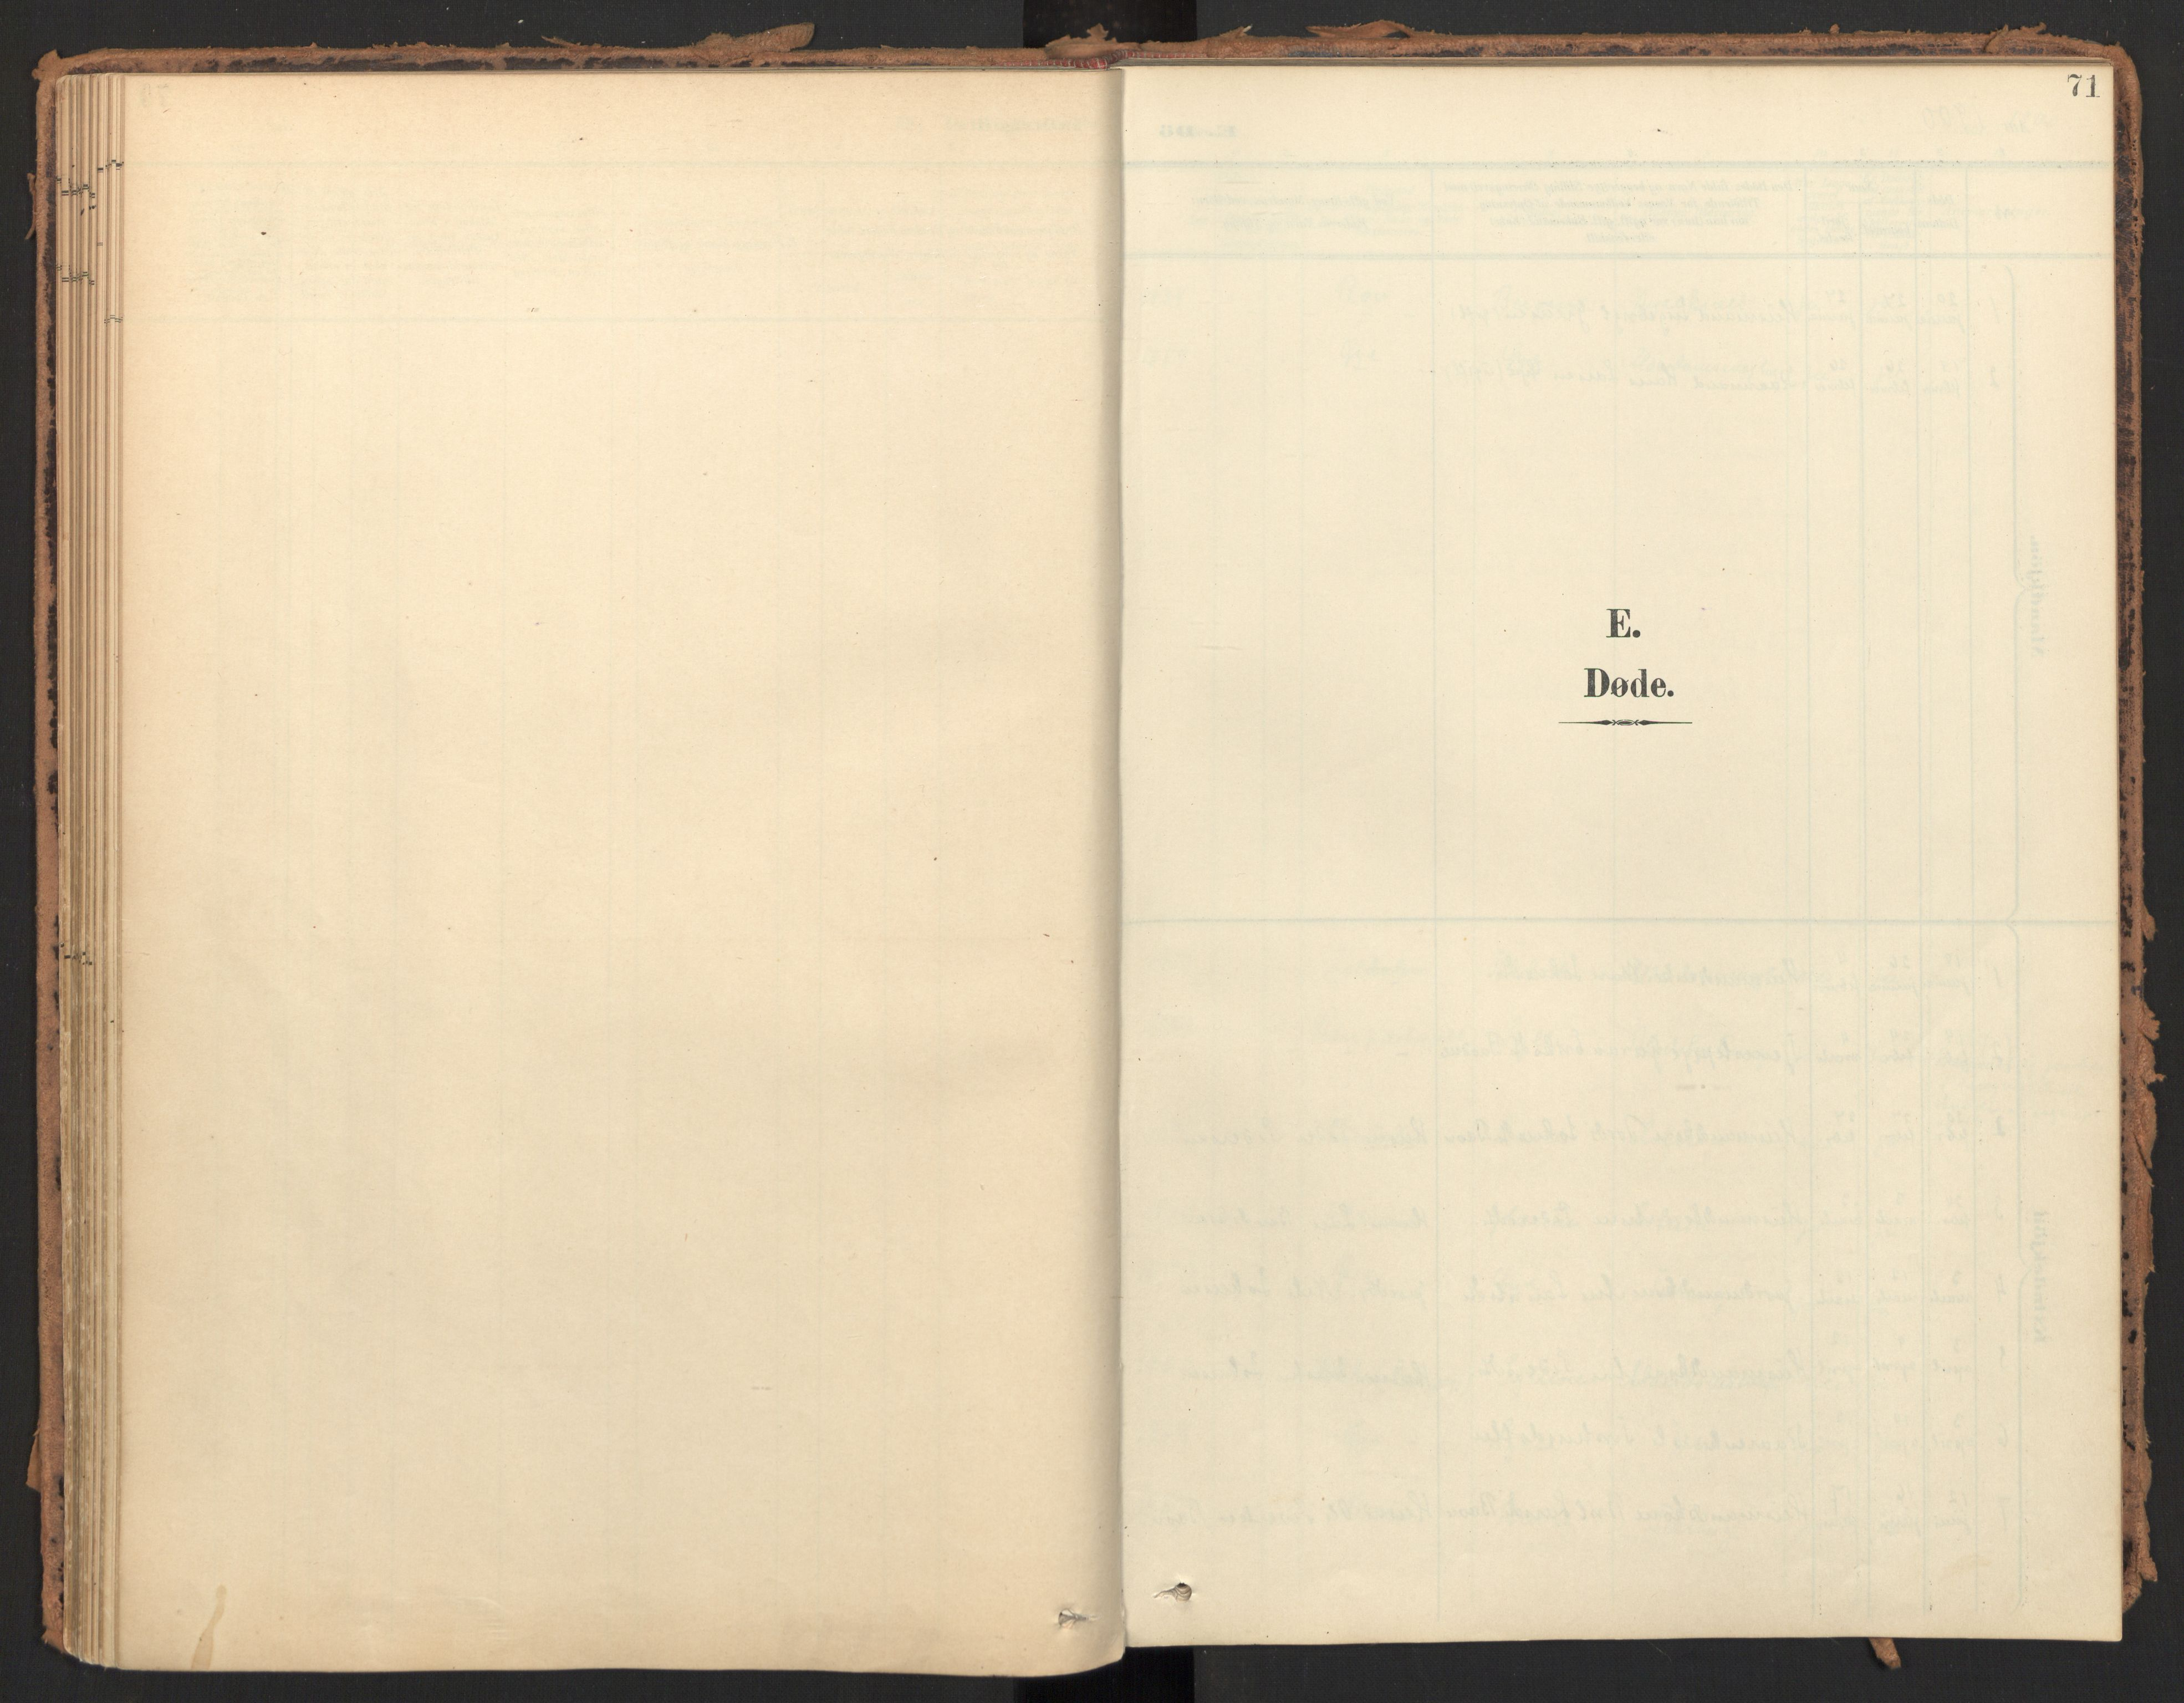 SAT, Ministerialprotokoller, klokkerbøker og fødselsregistre - Møre og Romsdal, 595/L1048: Ministerialbok nr. 595A10, 1900-1917, s. 71